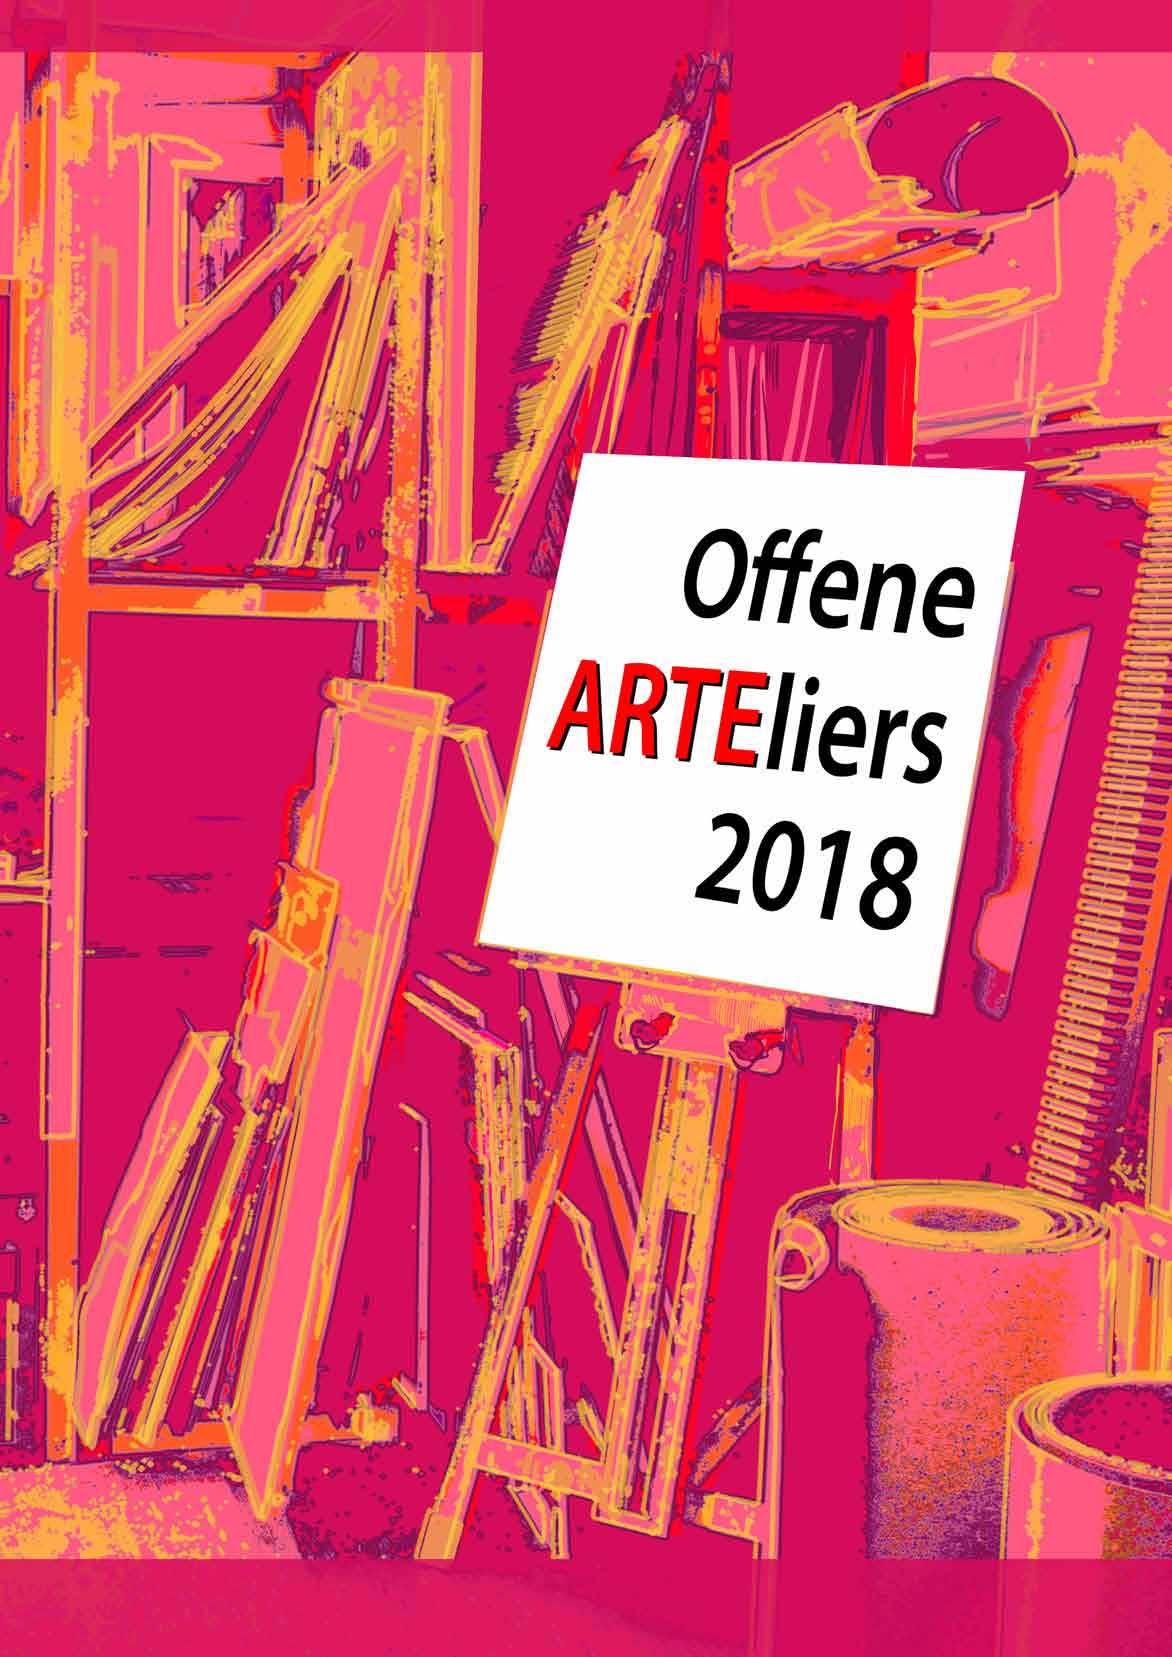 Offene ARTEliers 2018